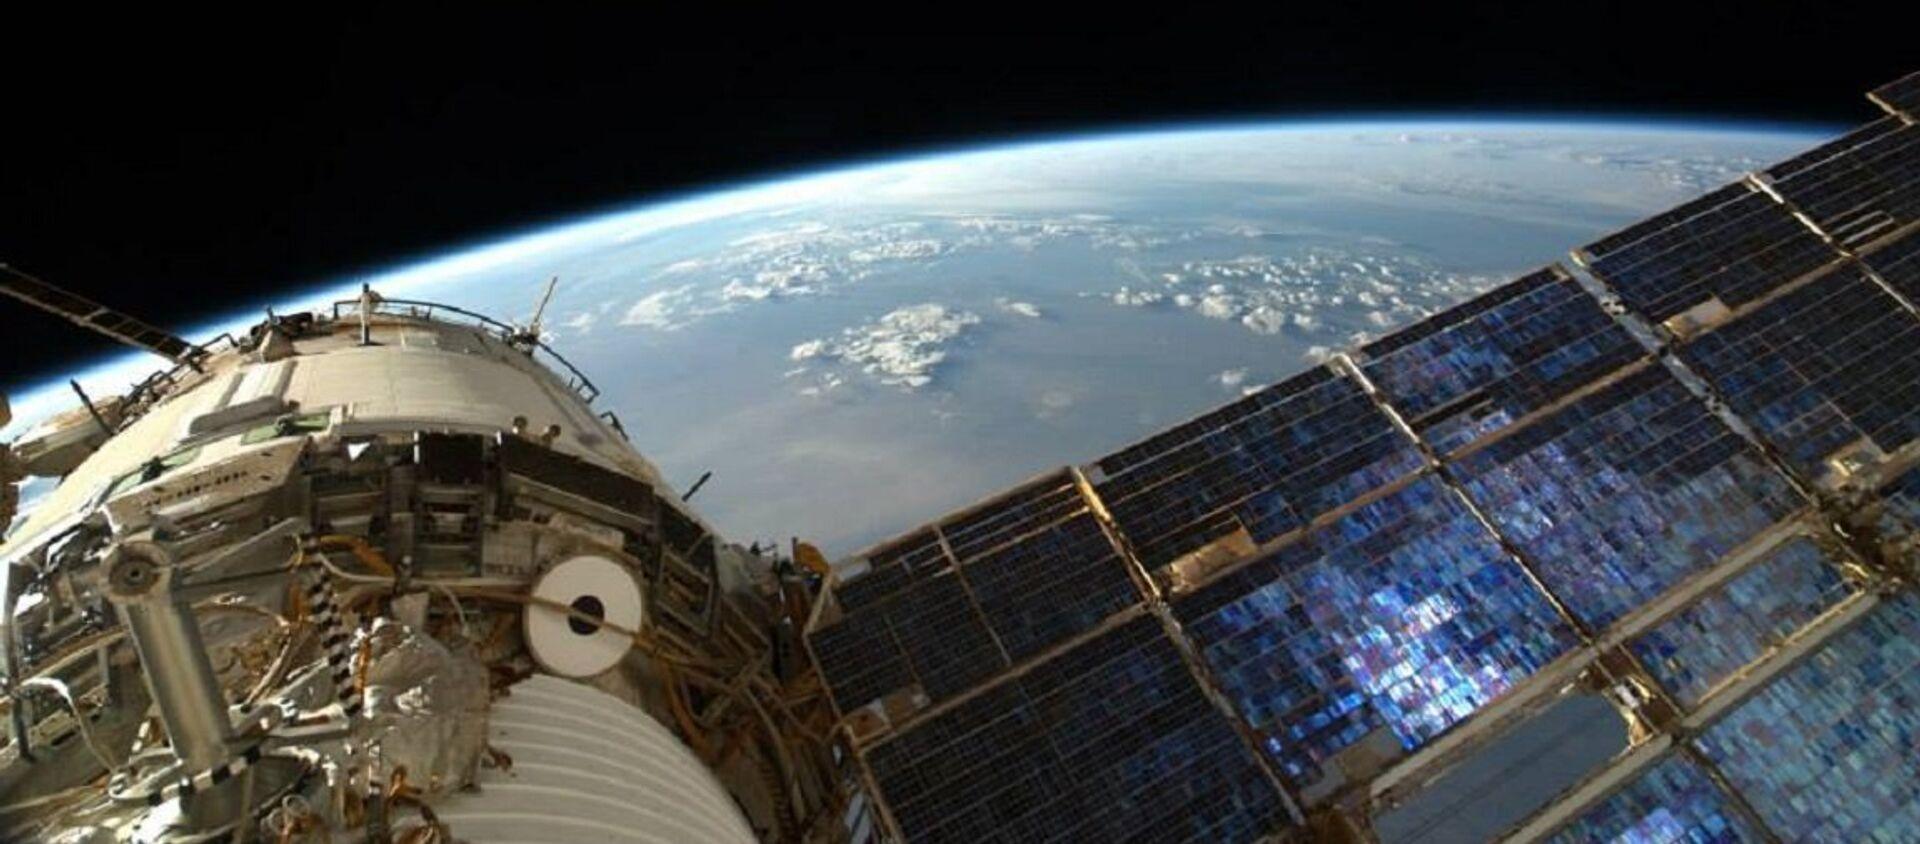 La Tierra desde la Estación Espacial Internacional (EEI)  - Sputnik Mundo, 1920, 23.10.2019